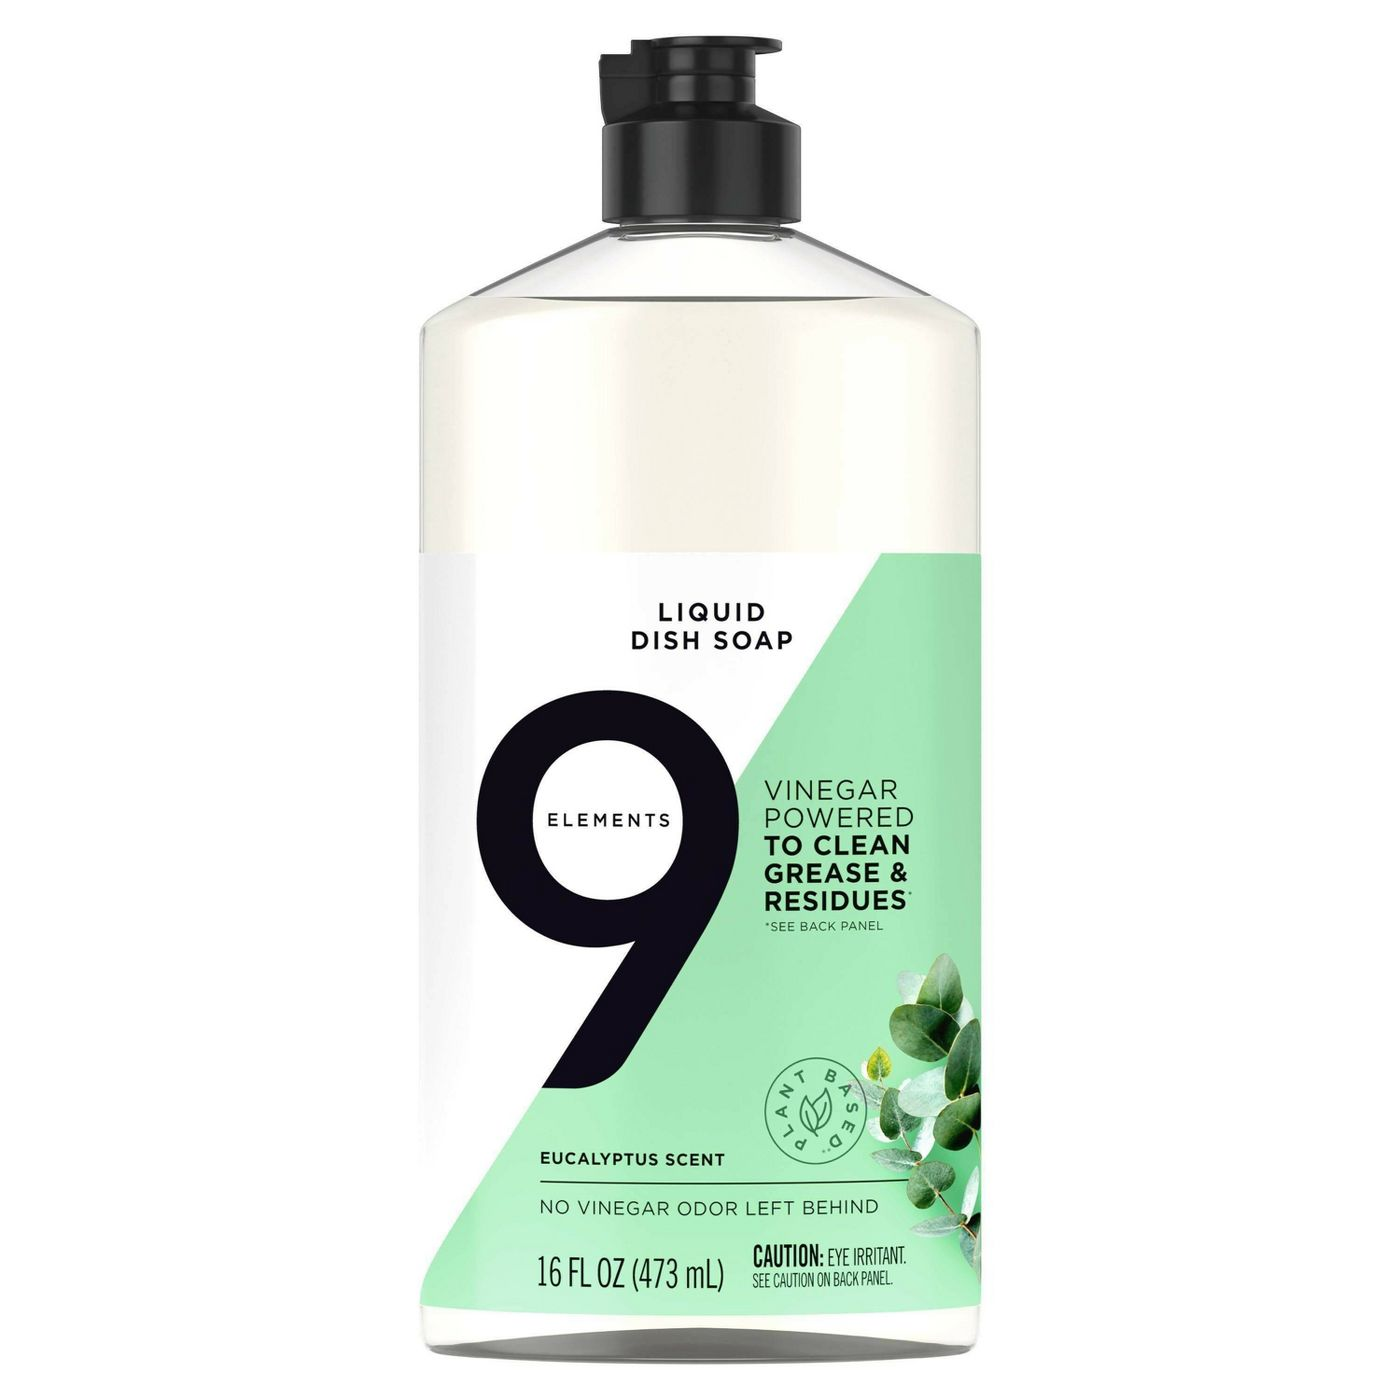 9 Elements Liquid Dish Soap – Eucalyptus